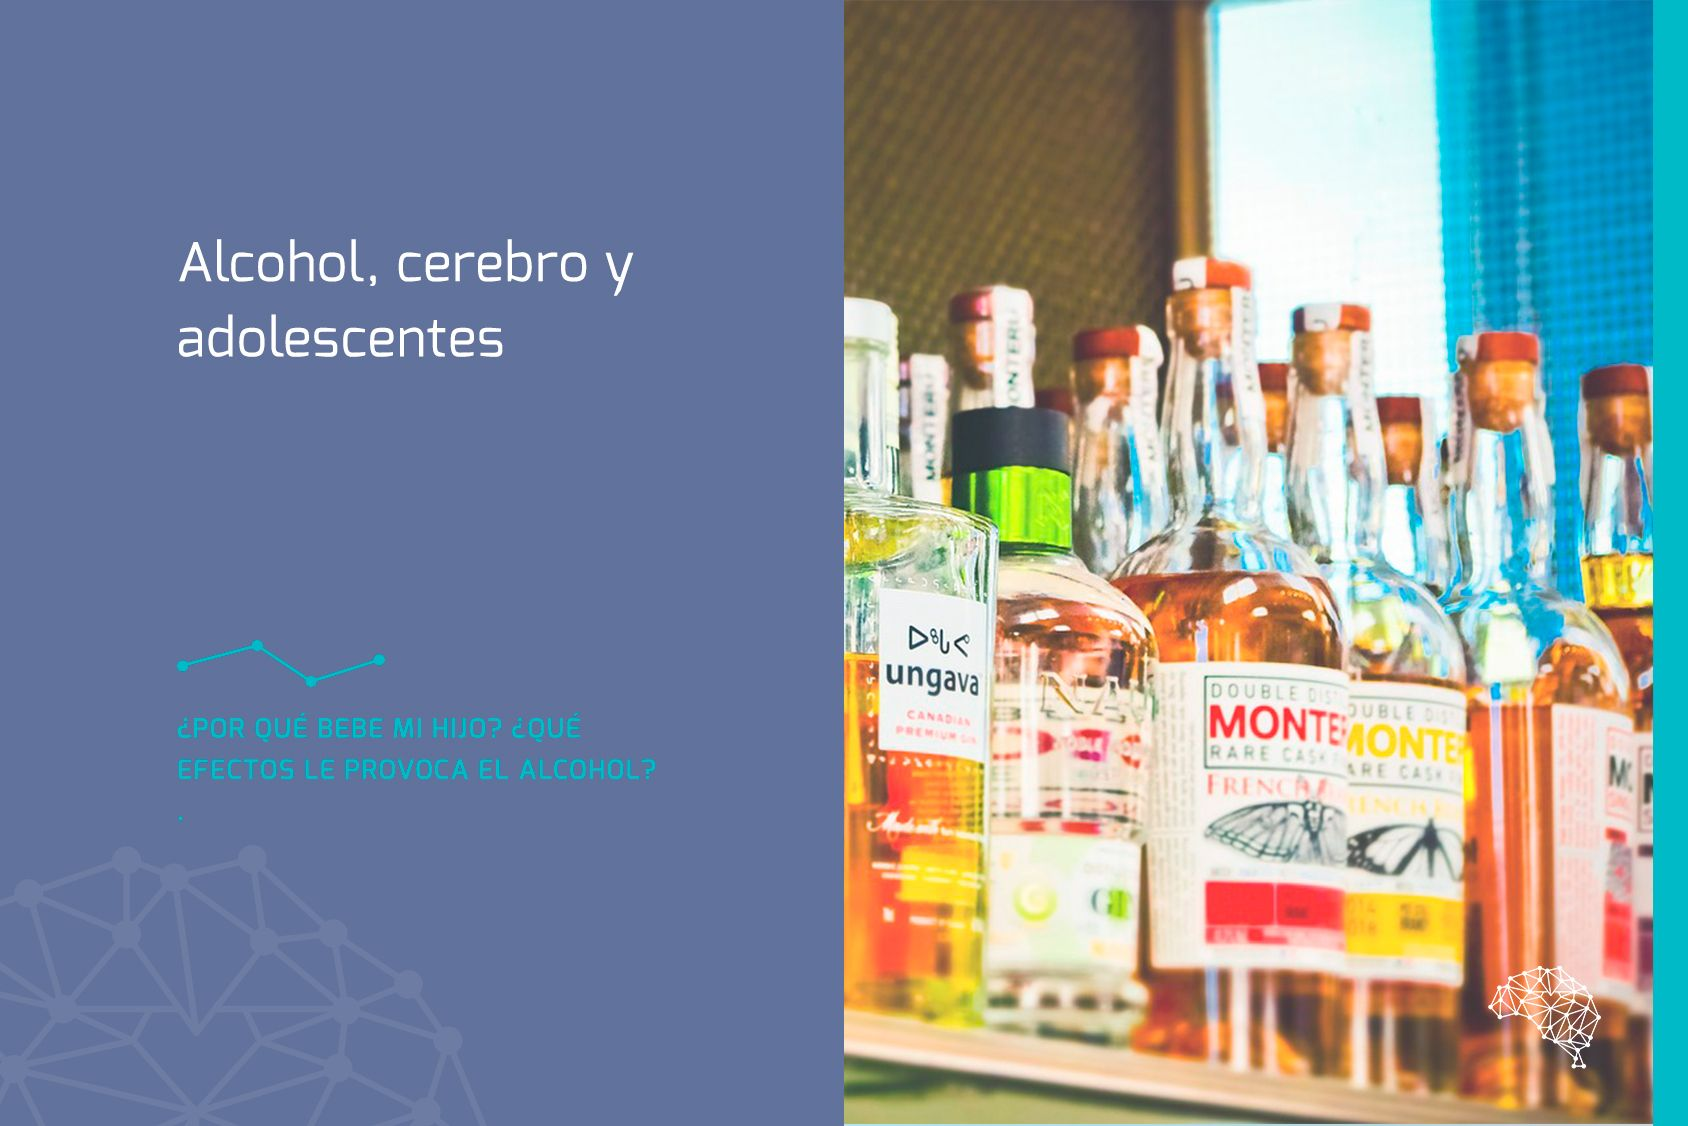 Alcohol, cerebro y adolescentes